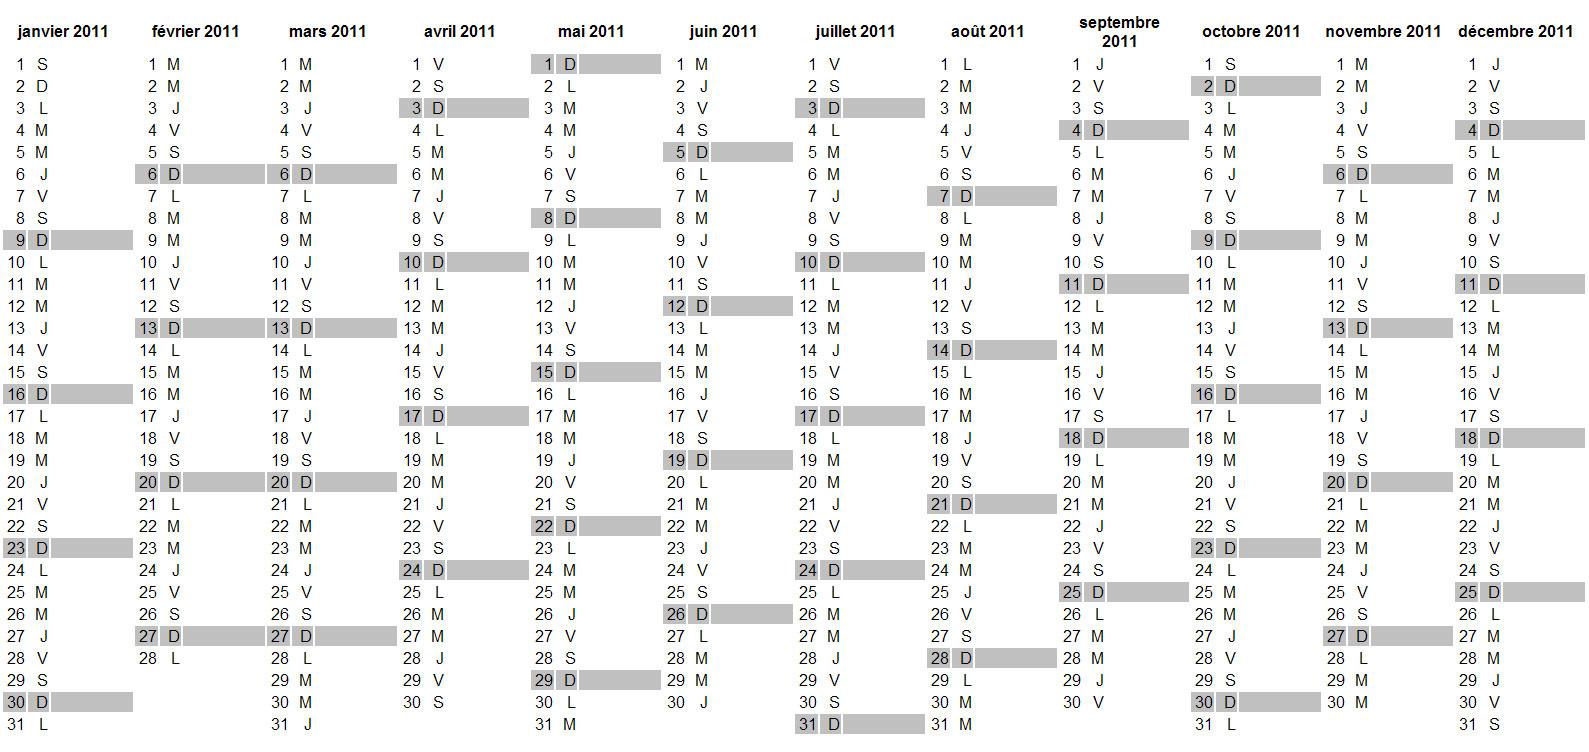 Calendrier 2011 À Imprimer Gratuit Au Format Excel, Pdf, Jpg intérieur Calendrier Perpetuel Gratuit Imprimer